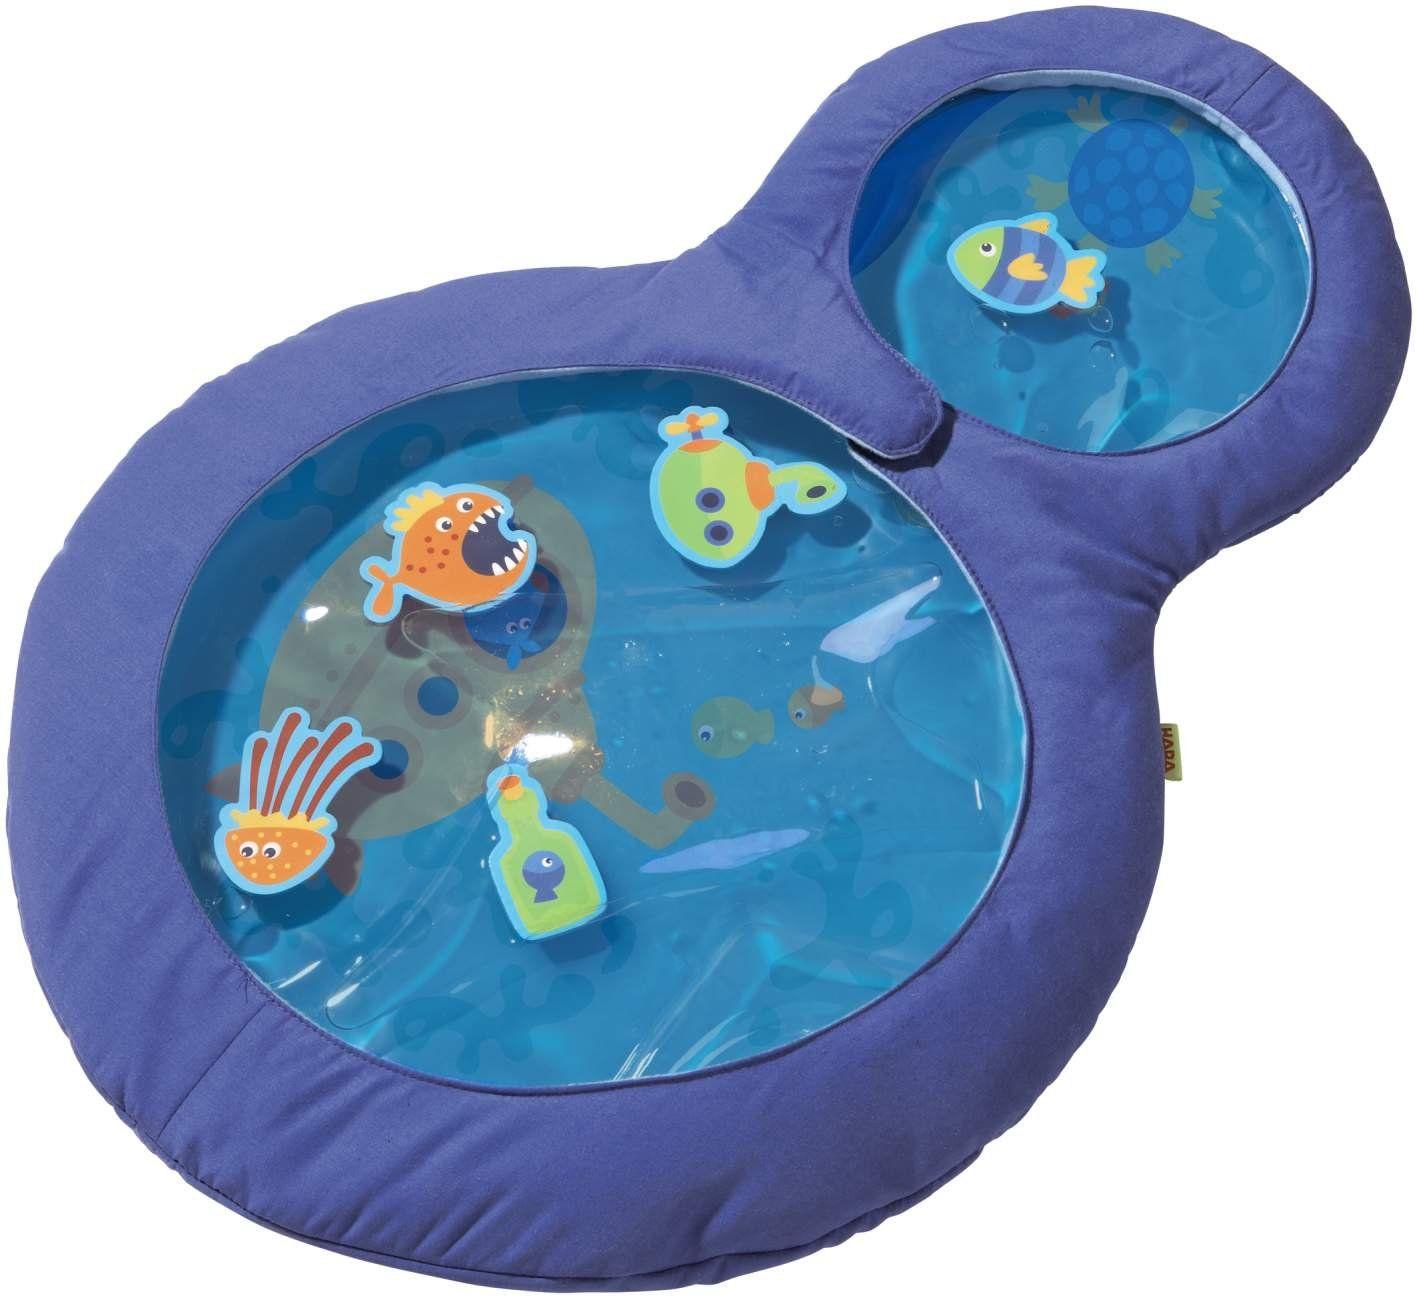 Haba 301184 - wodna mata do zabawy dla małych nurków, zabawka dla dzieci wypełniona wodą z ruchomymi elementami do pływania i dwoma oknami, zabawka od 6 miesięcy